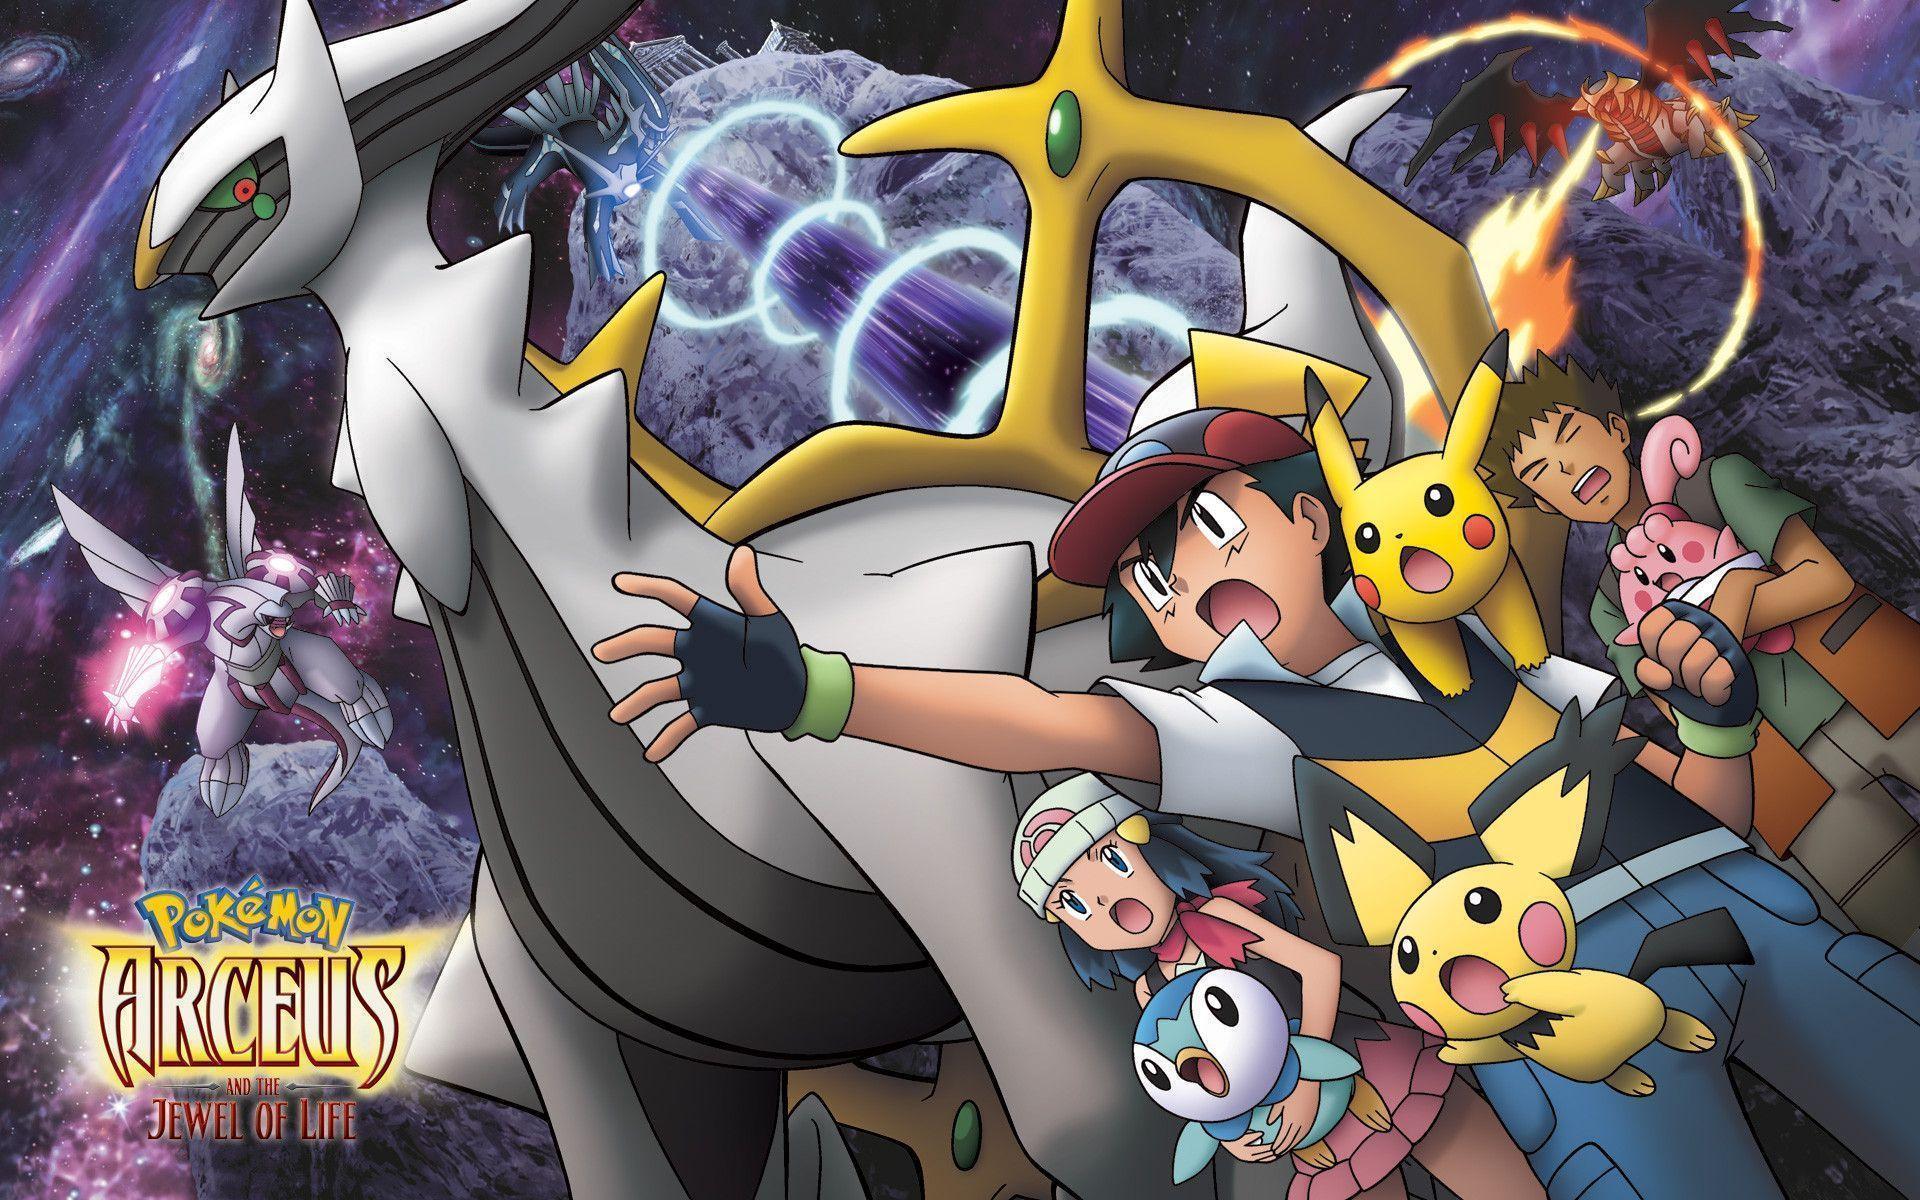 Cute Pokemon Wallpaper 10234 Hd Wallpapers | Areahd.